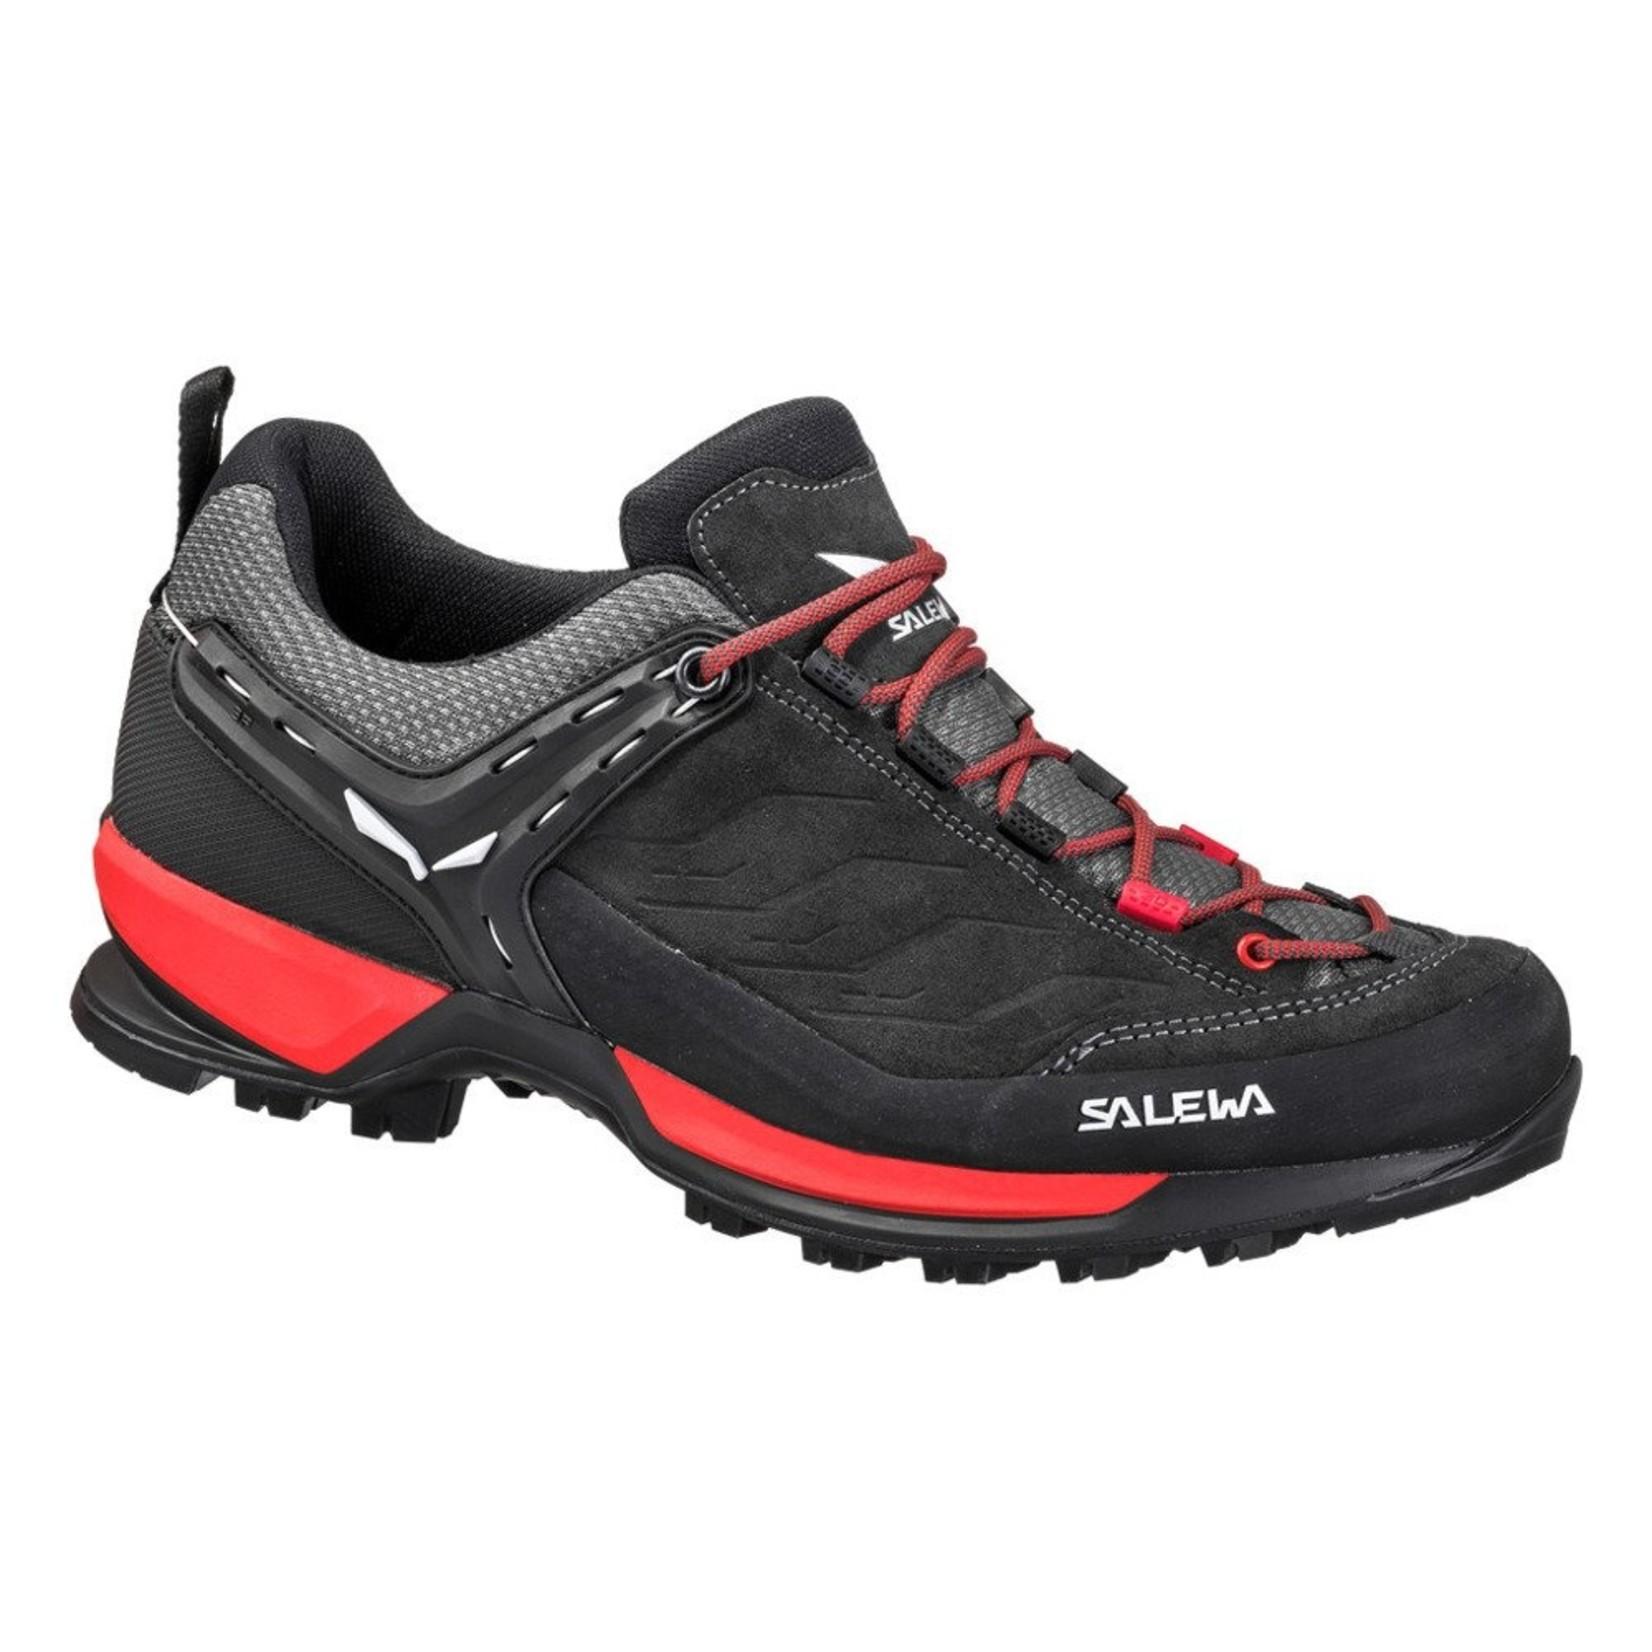 Salewa Mountain Trainer Lo